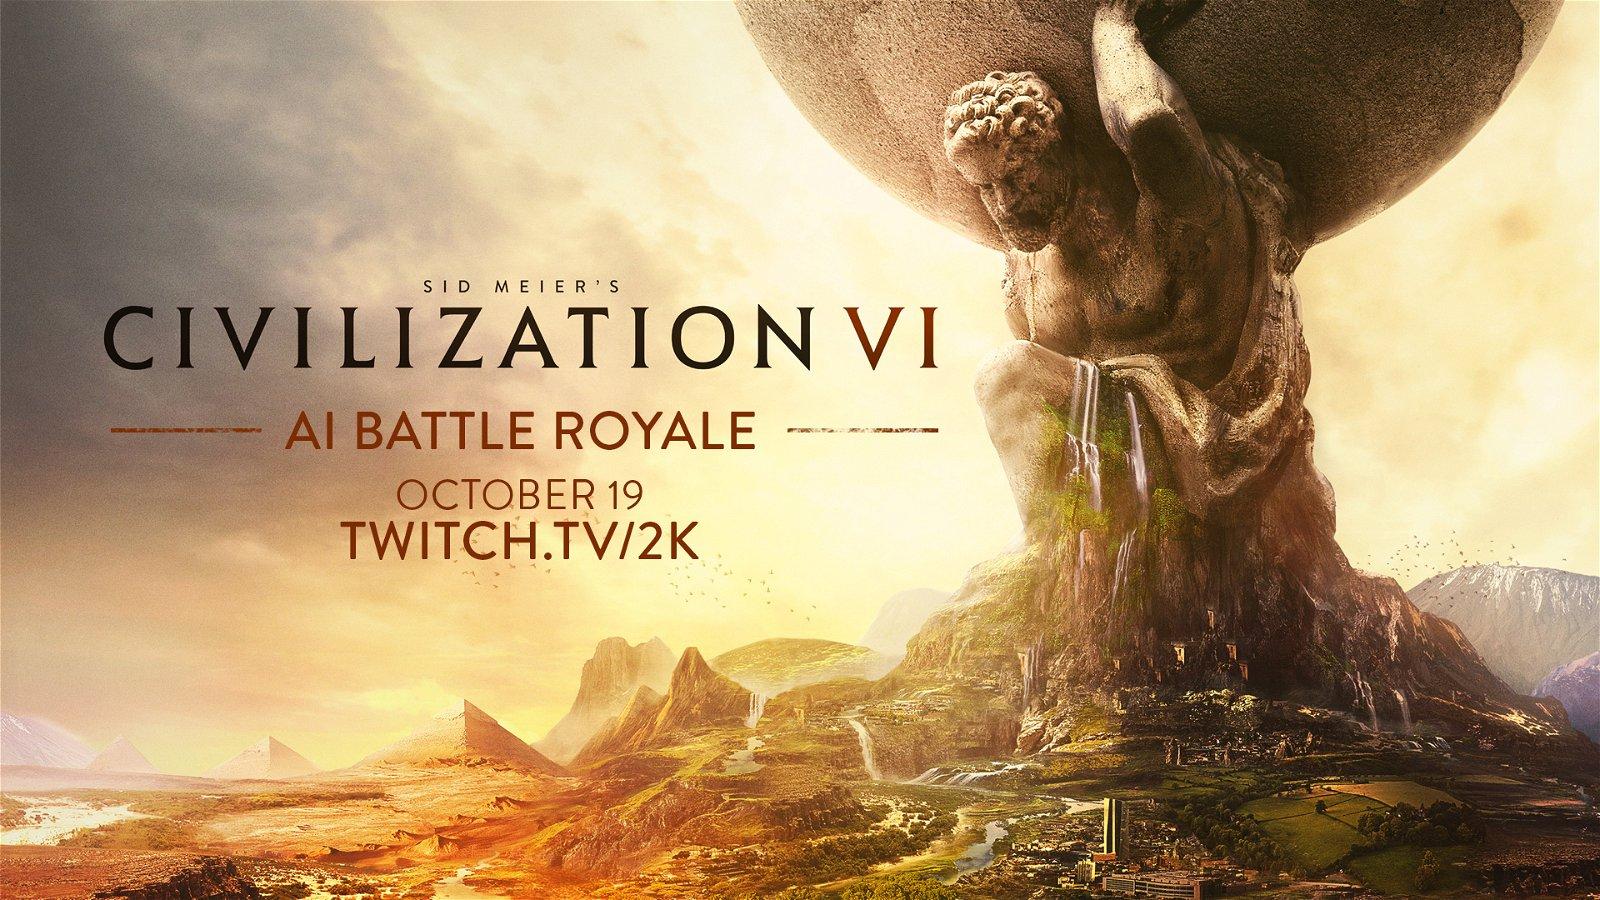 Civilization VI to Host Official AI Battle Royale via Twitch